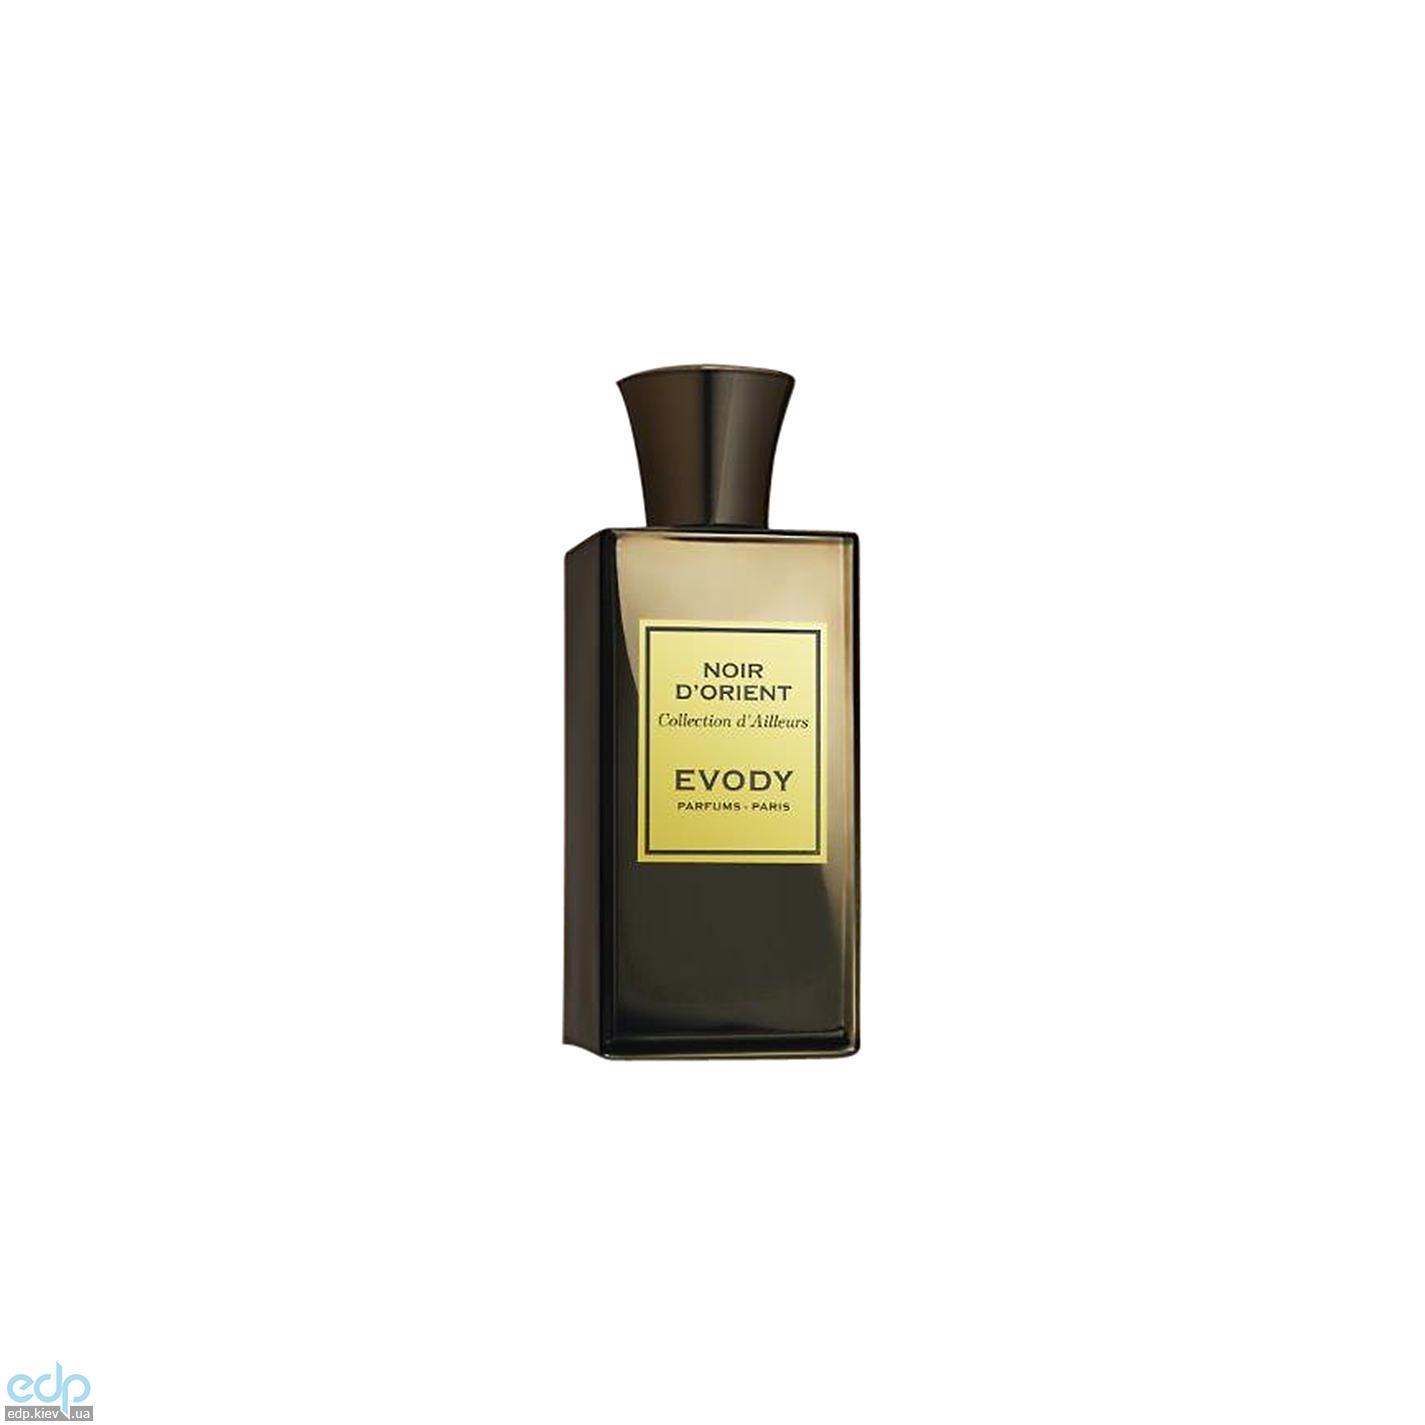 Evody Parfums Noir dOrient - парфюмированная вода - 50 ml